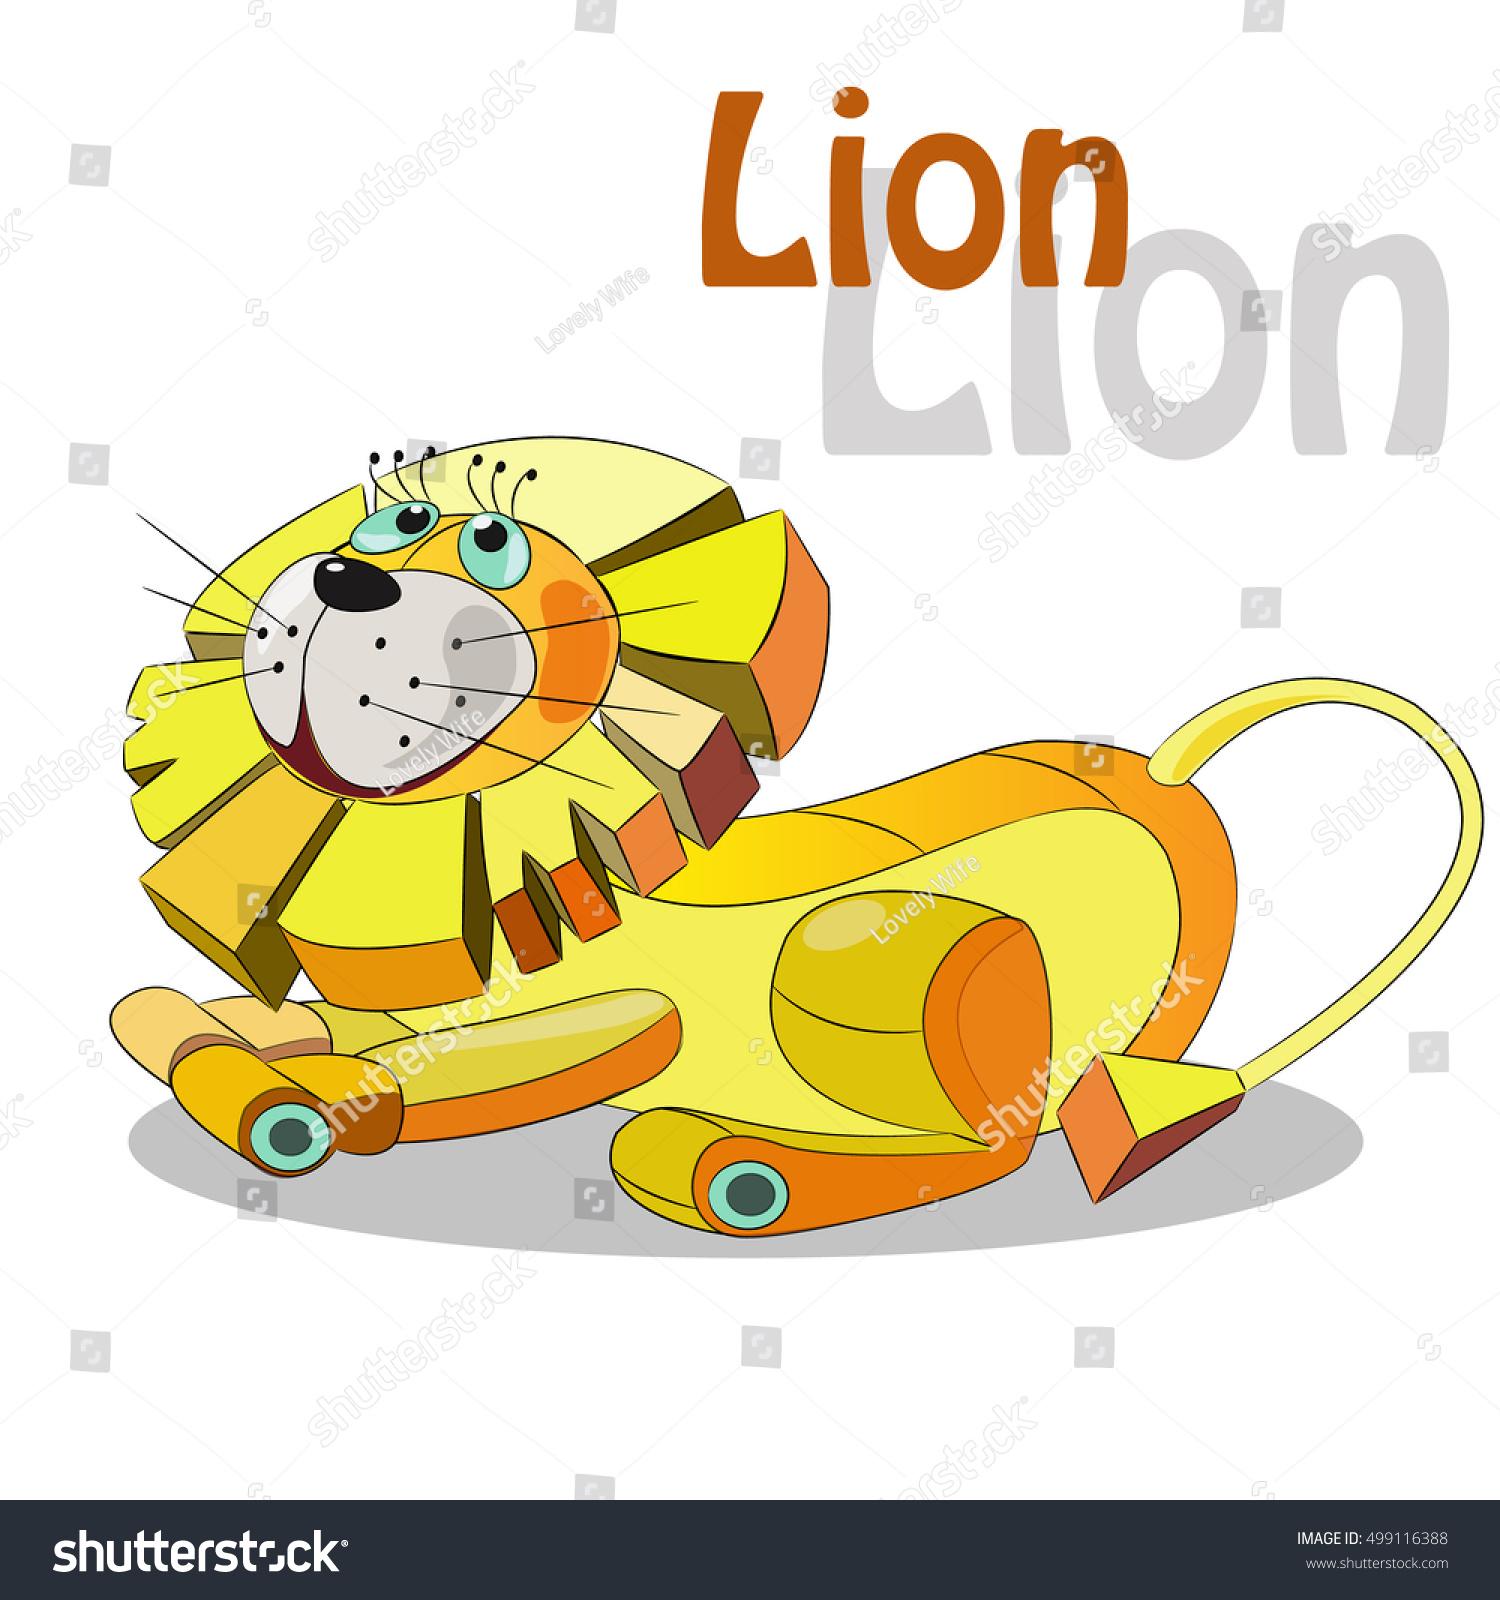 good cute cartoon lion lies on stock vector 499116388 - shutterstock